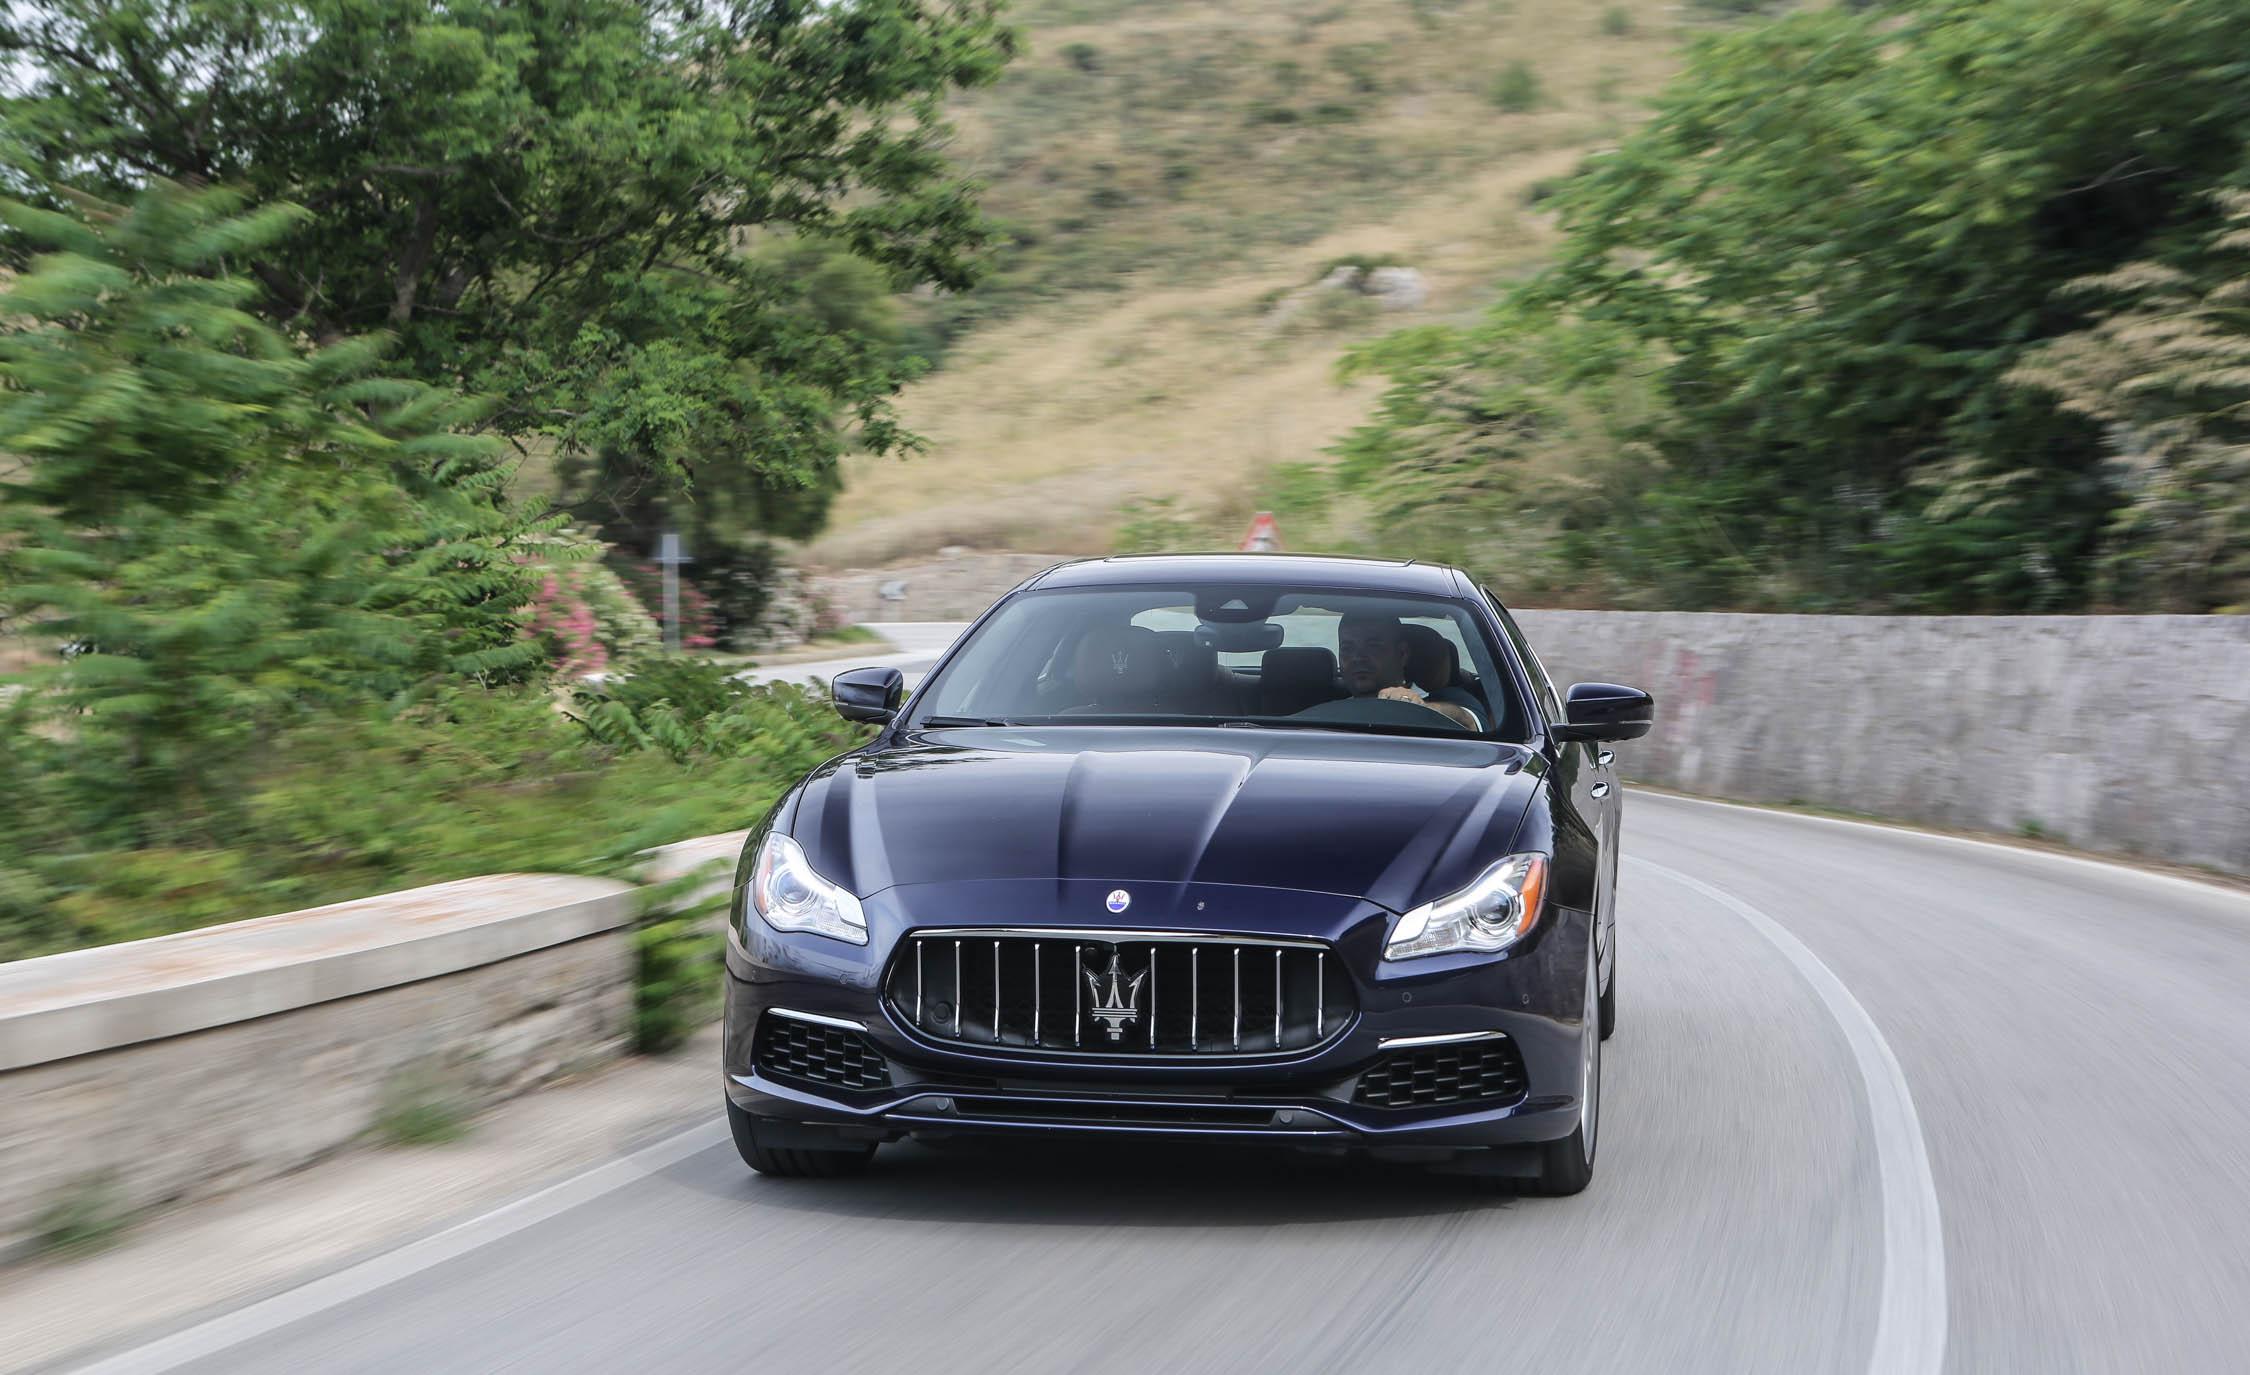 2017 Maserati Quattroporte GTS GranLusso (View 3 of 55)